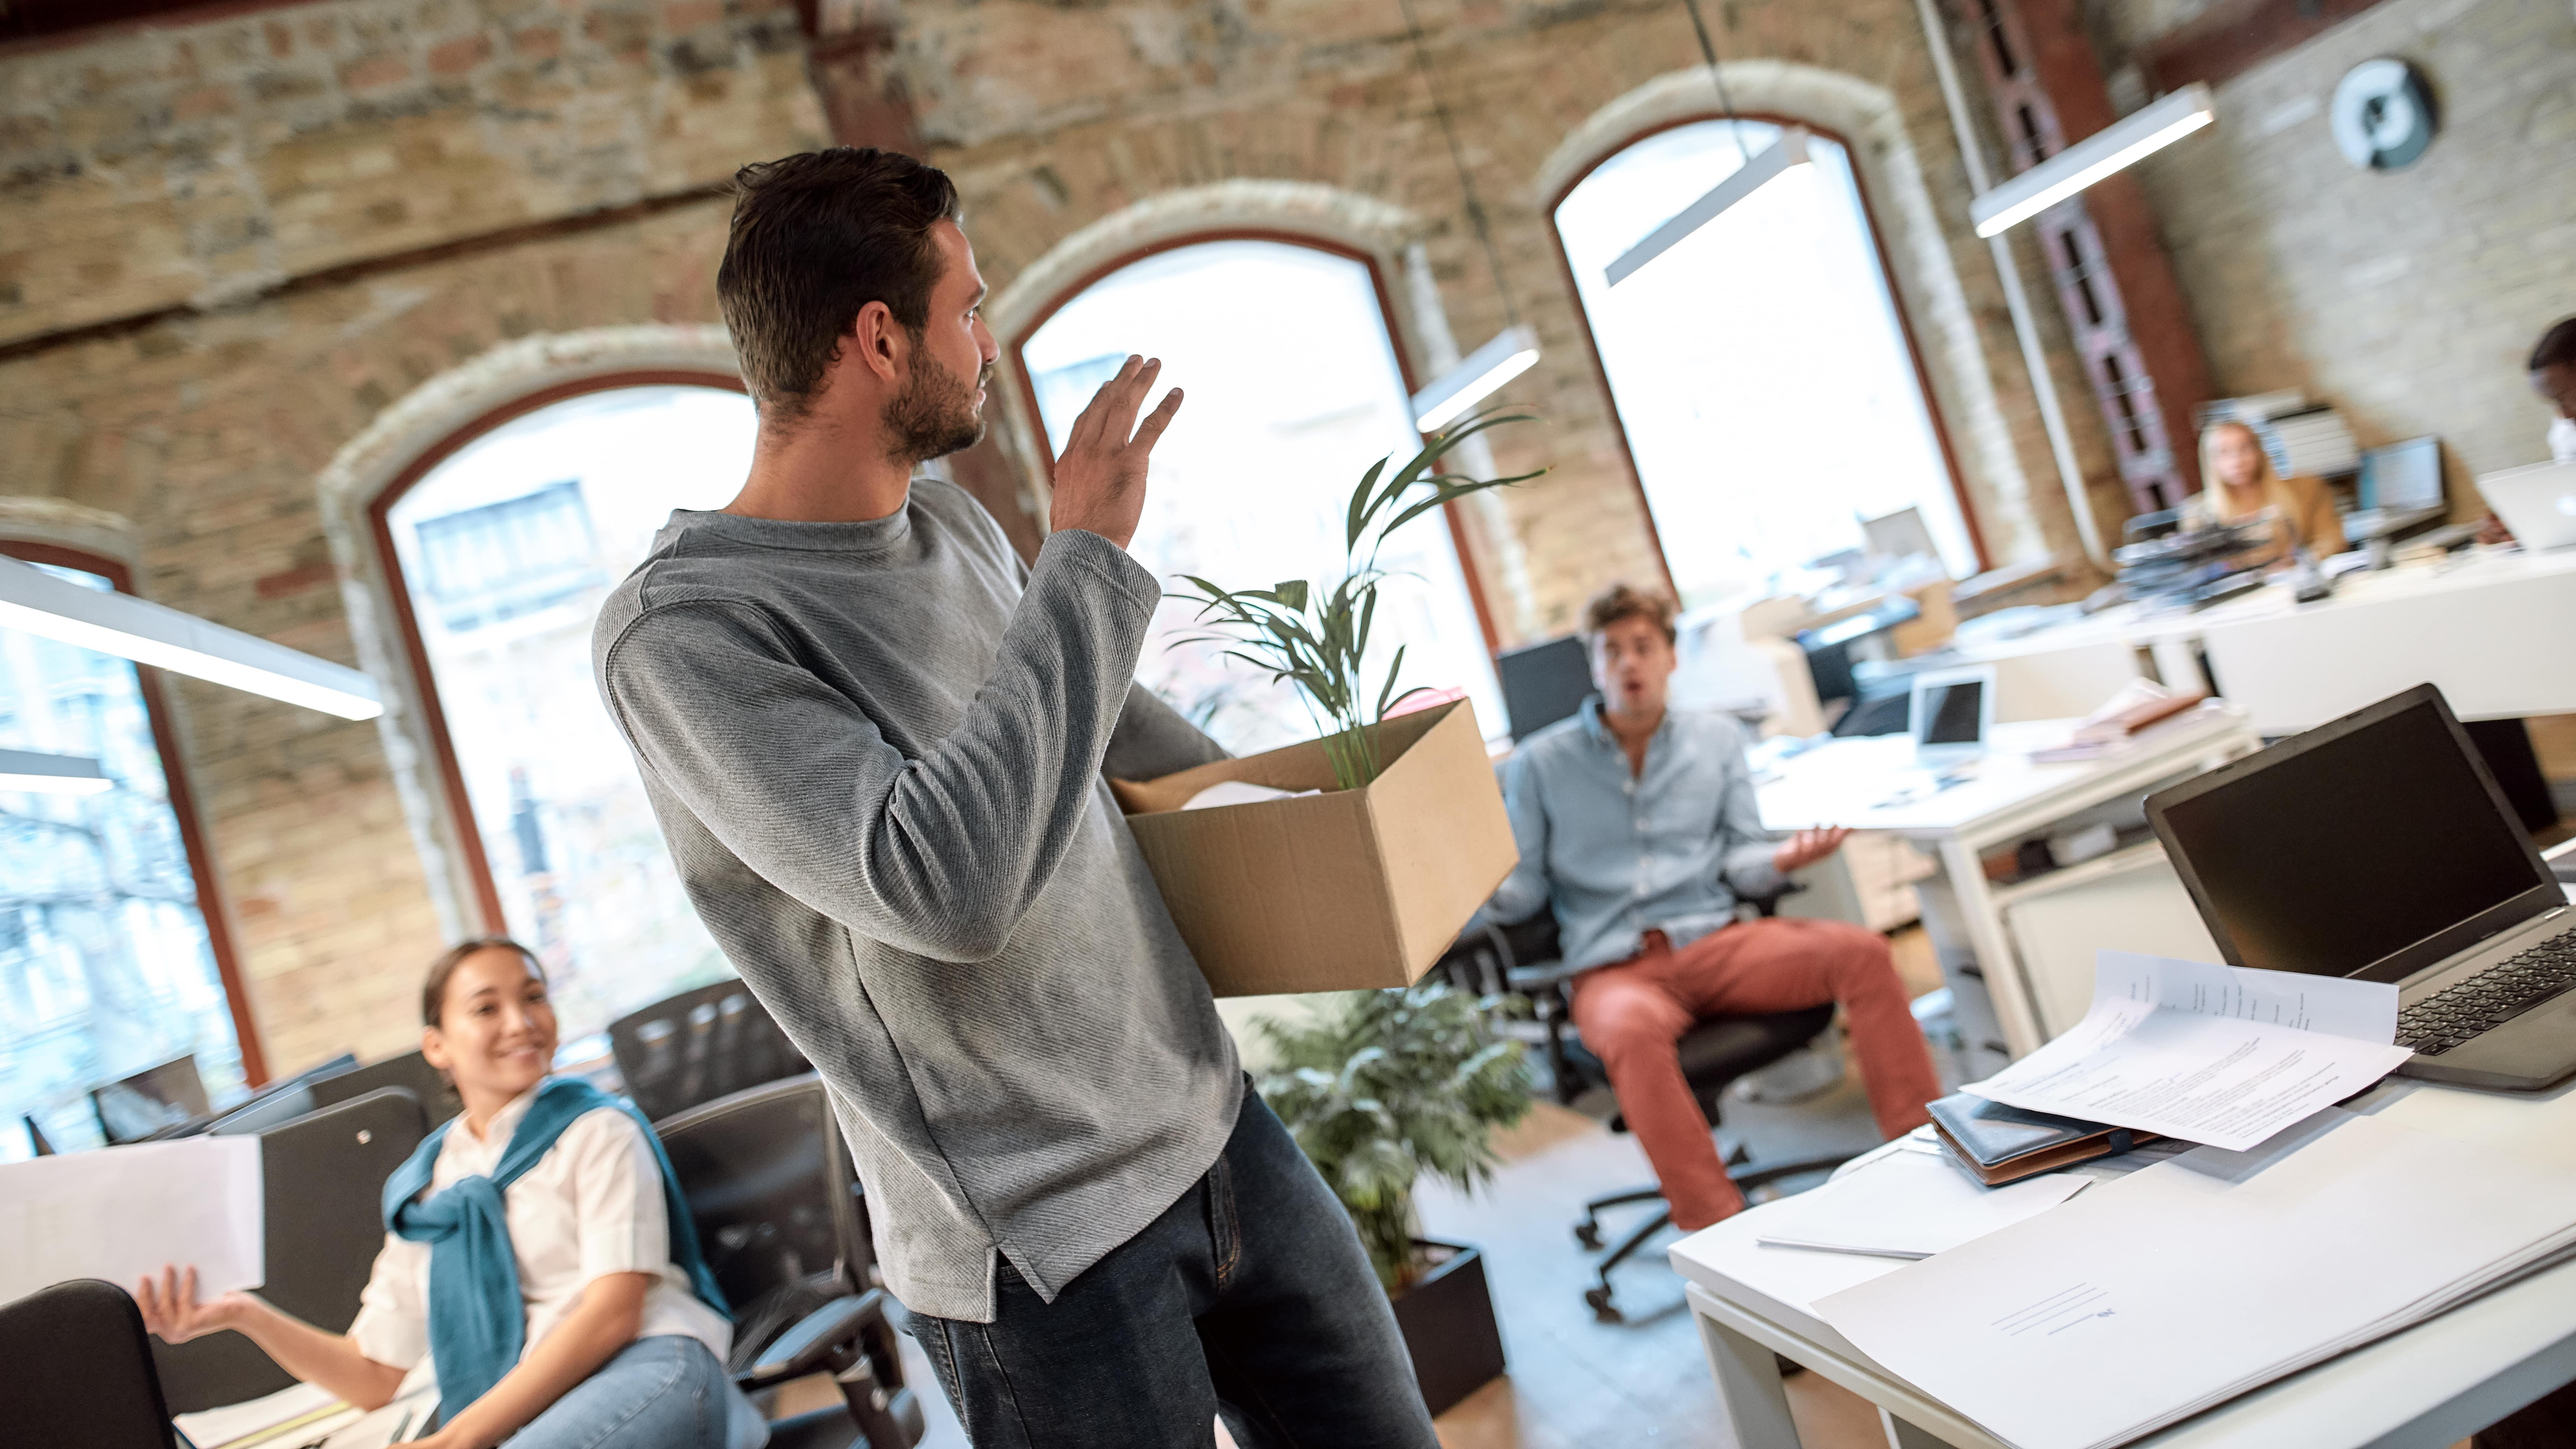 Uuring: 85% inimestest on valmis töökohta vahetama